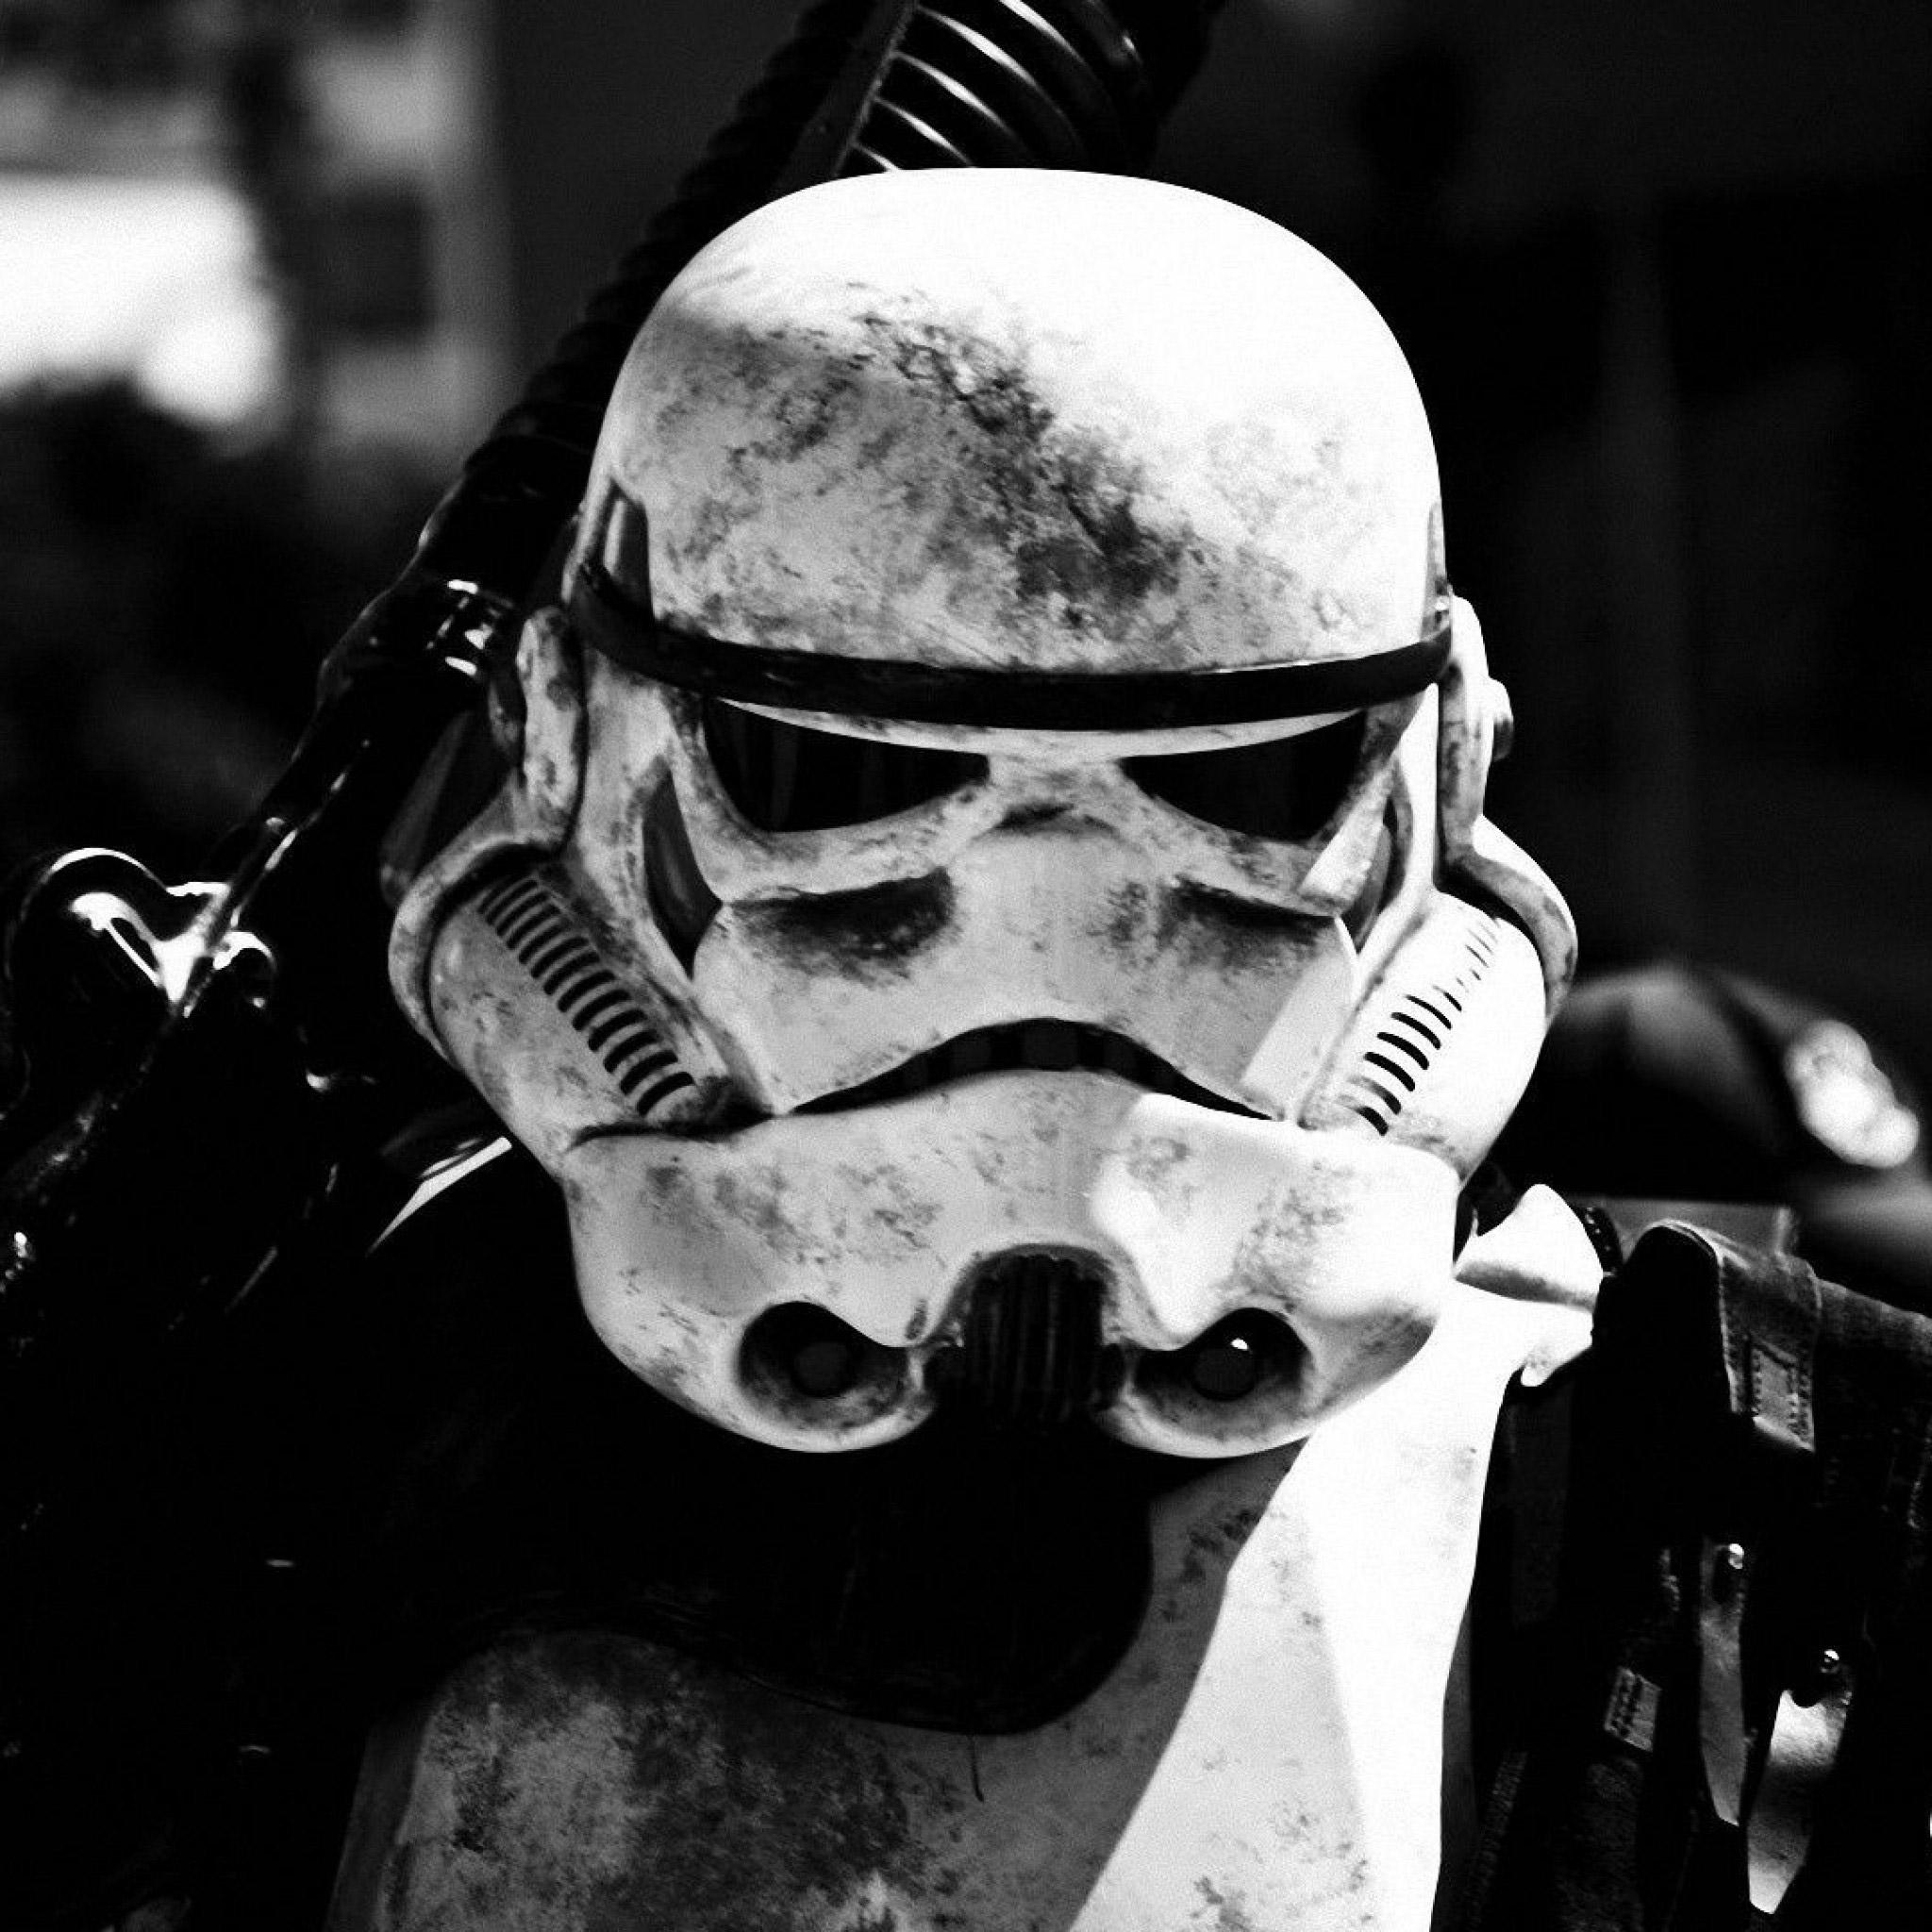 Star-Wars-Stormtrooper-2048x2048